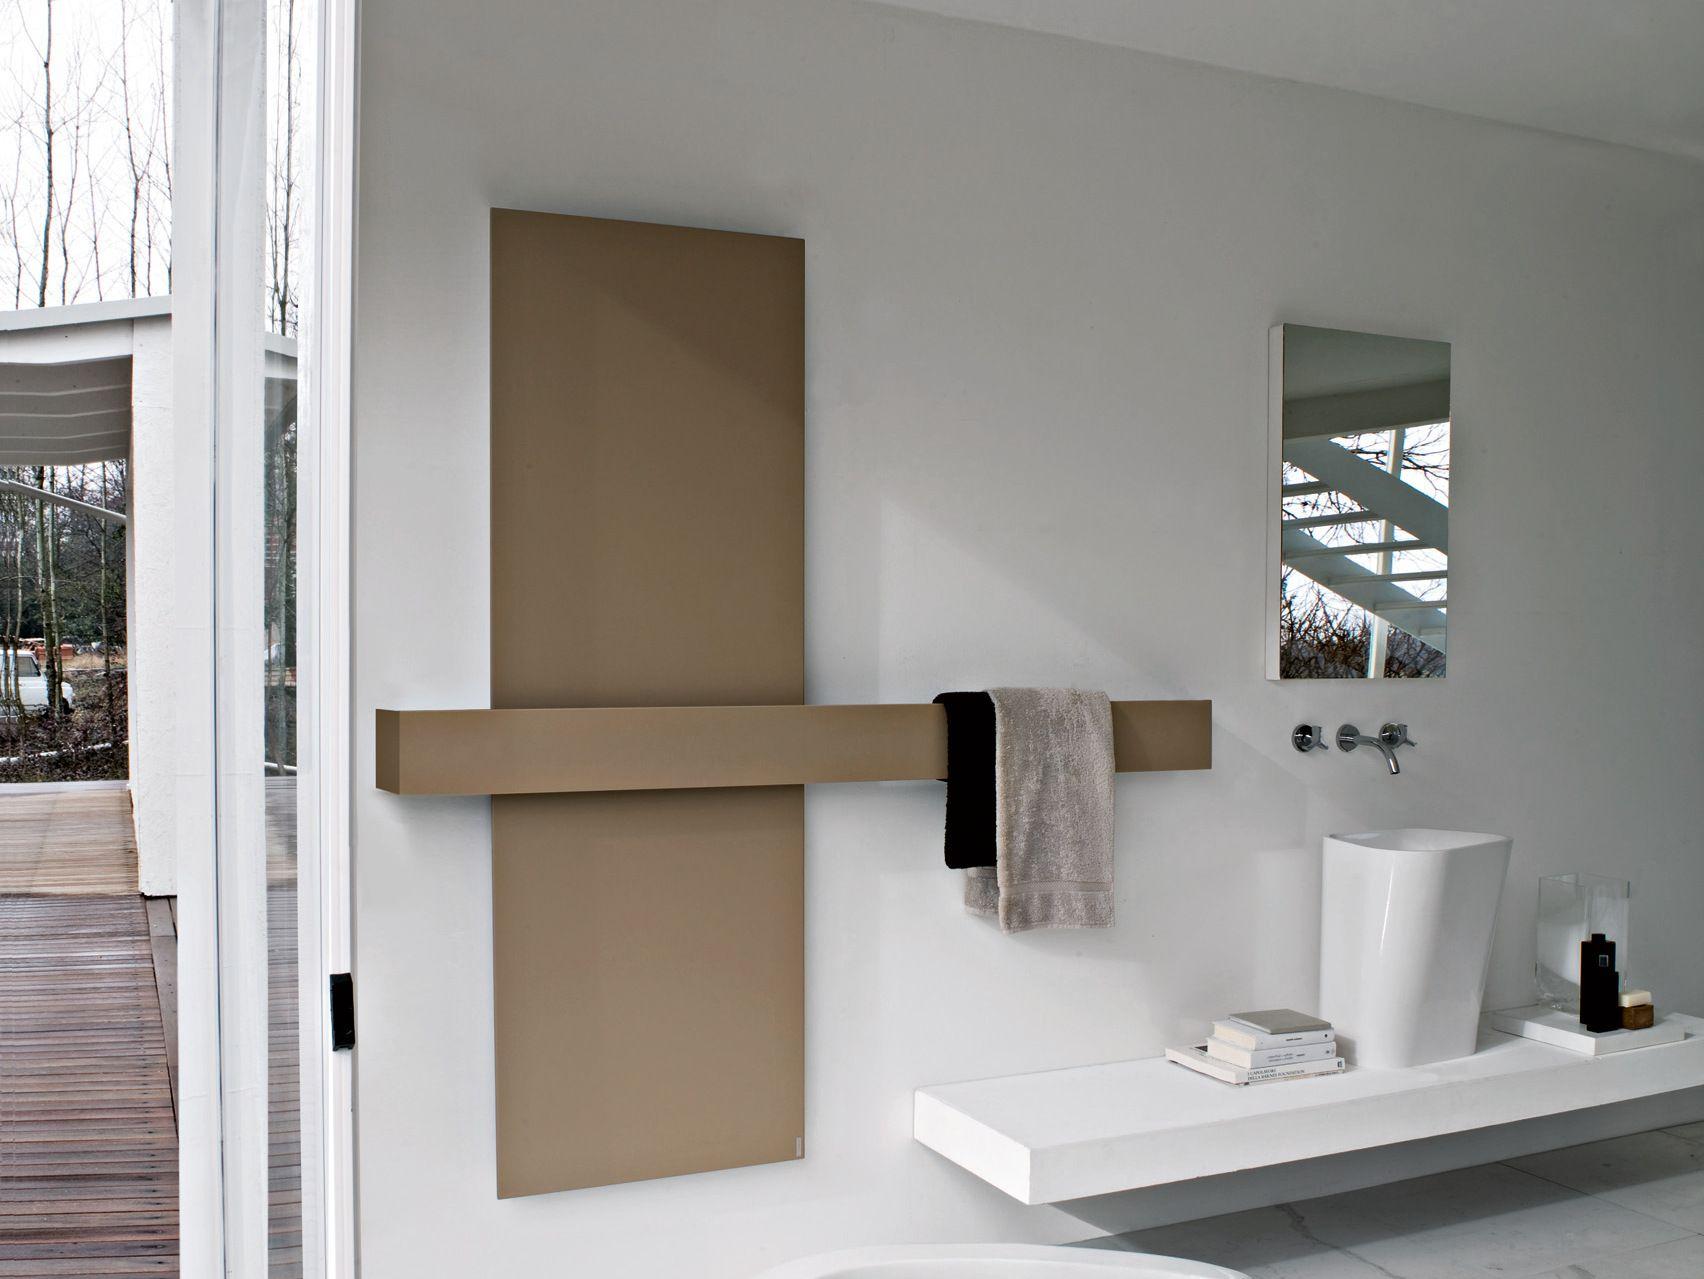 Termoarredo verticale in alluminio square termoarredo - Bidet portatile ikea ...